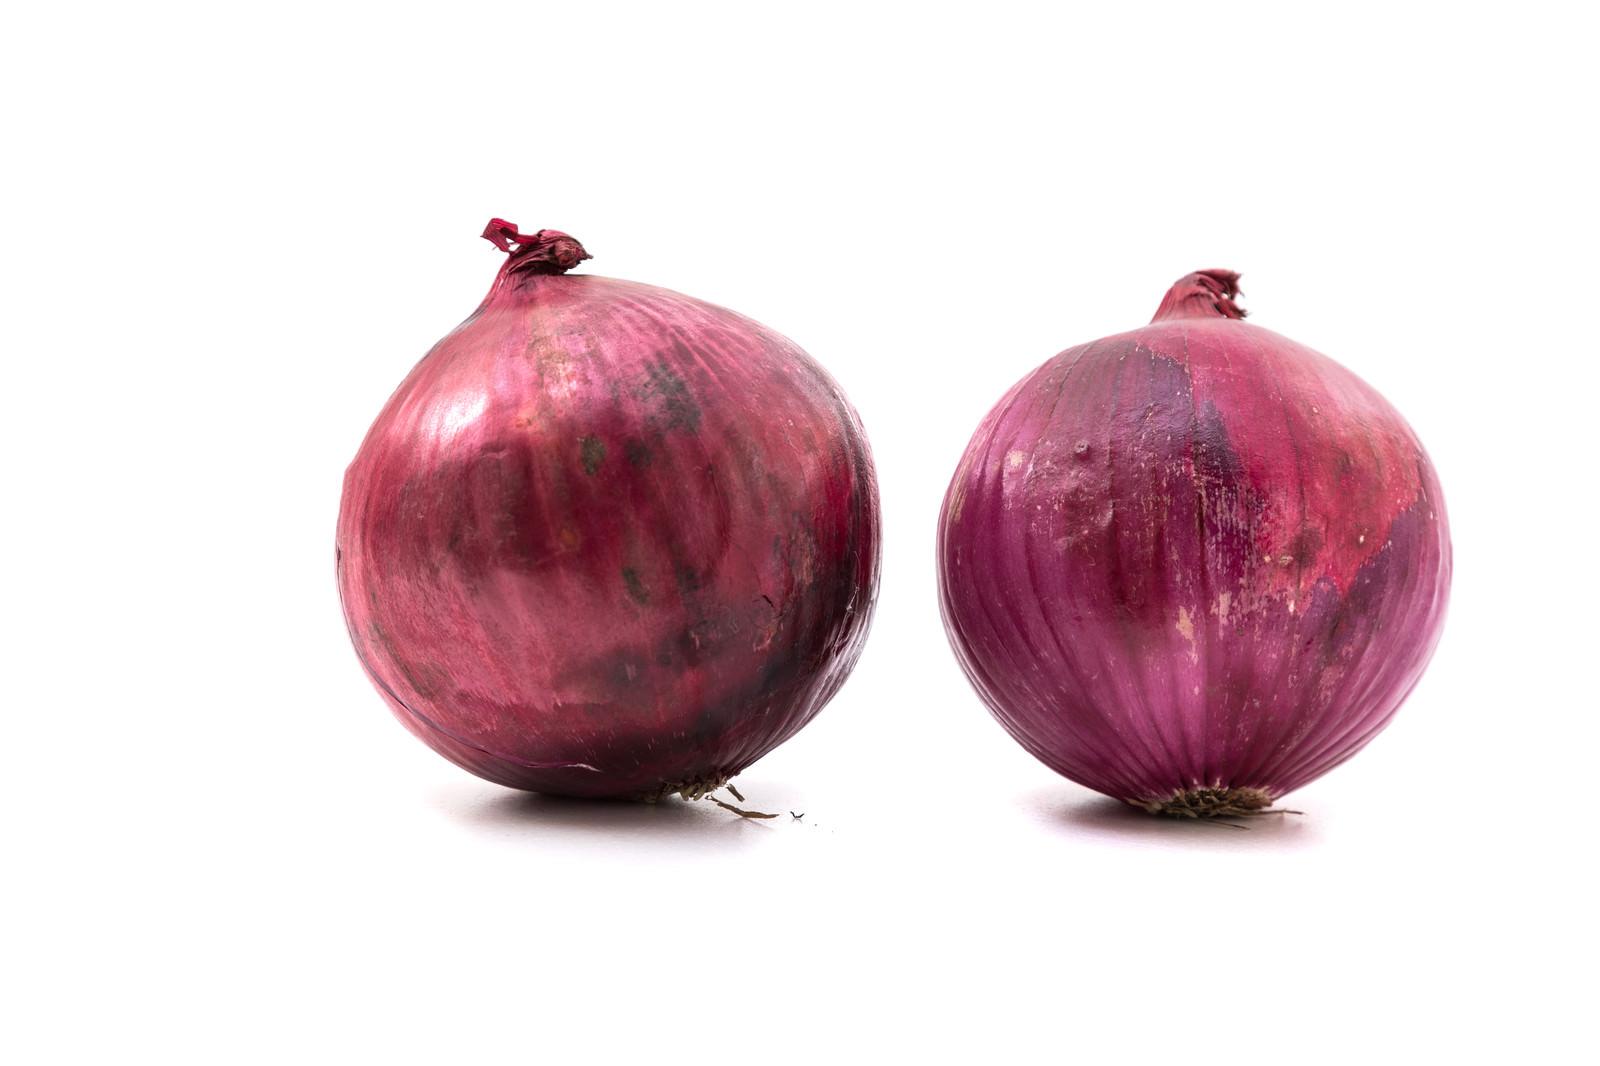 「紫玉葱2個紫玉葱2個」のフリー写真素材を拡大